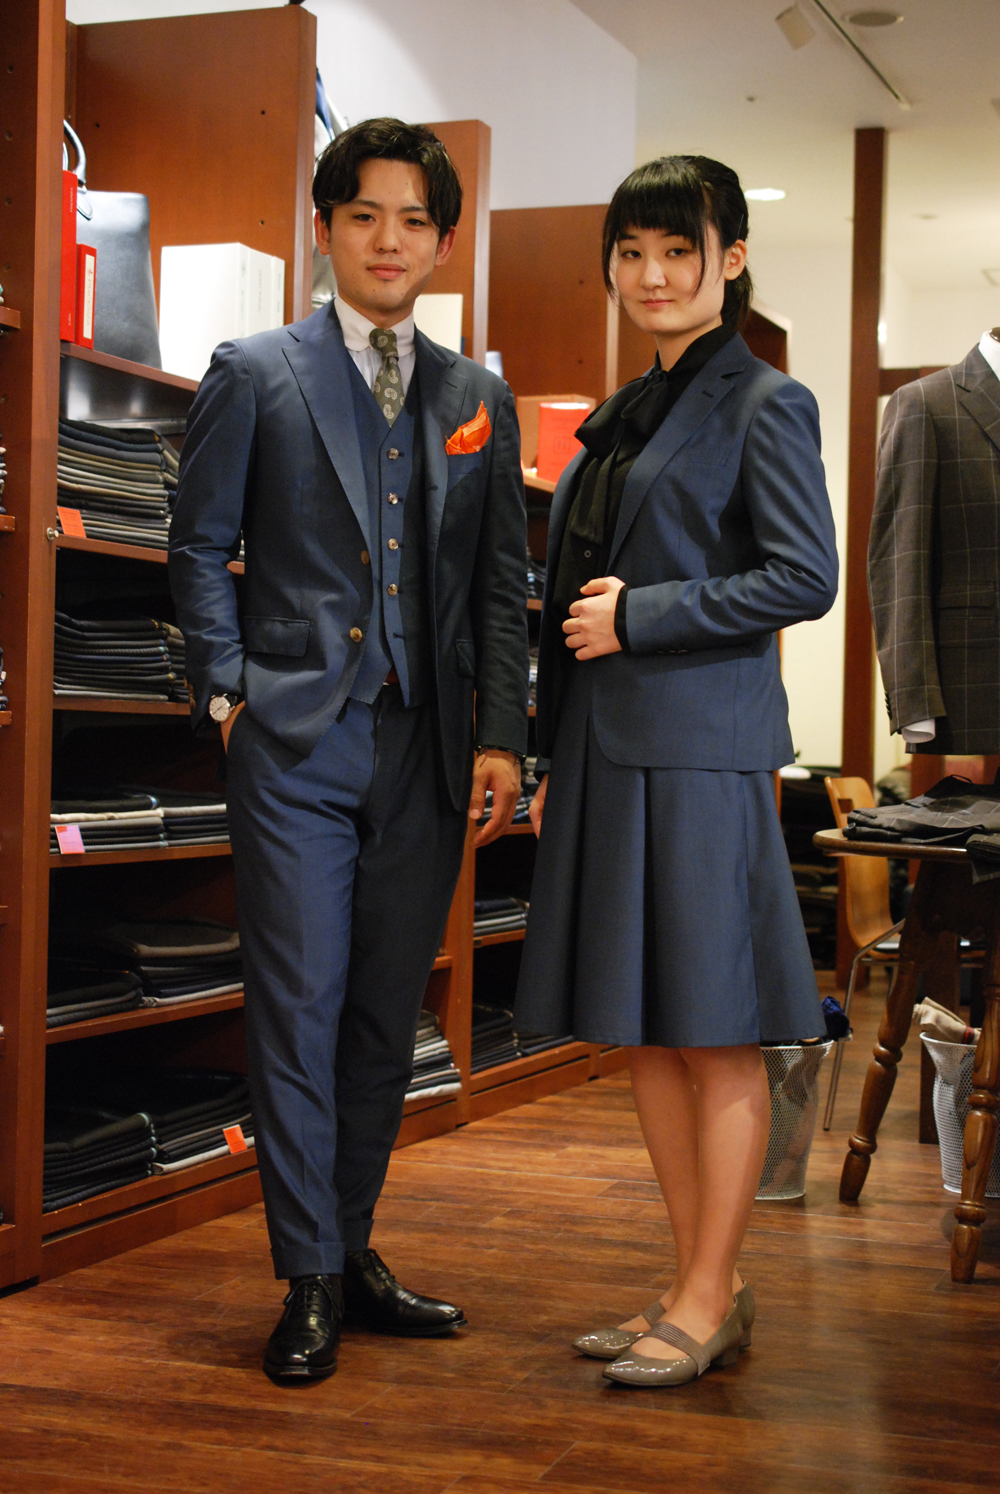 トレーニョ ブルーグレイのスーツ 2ショット